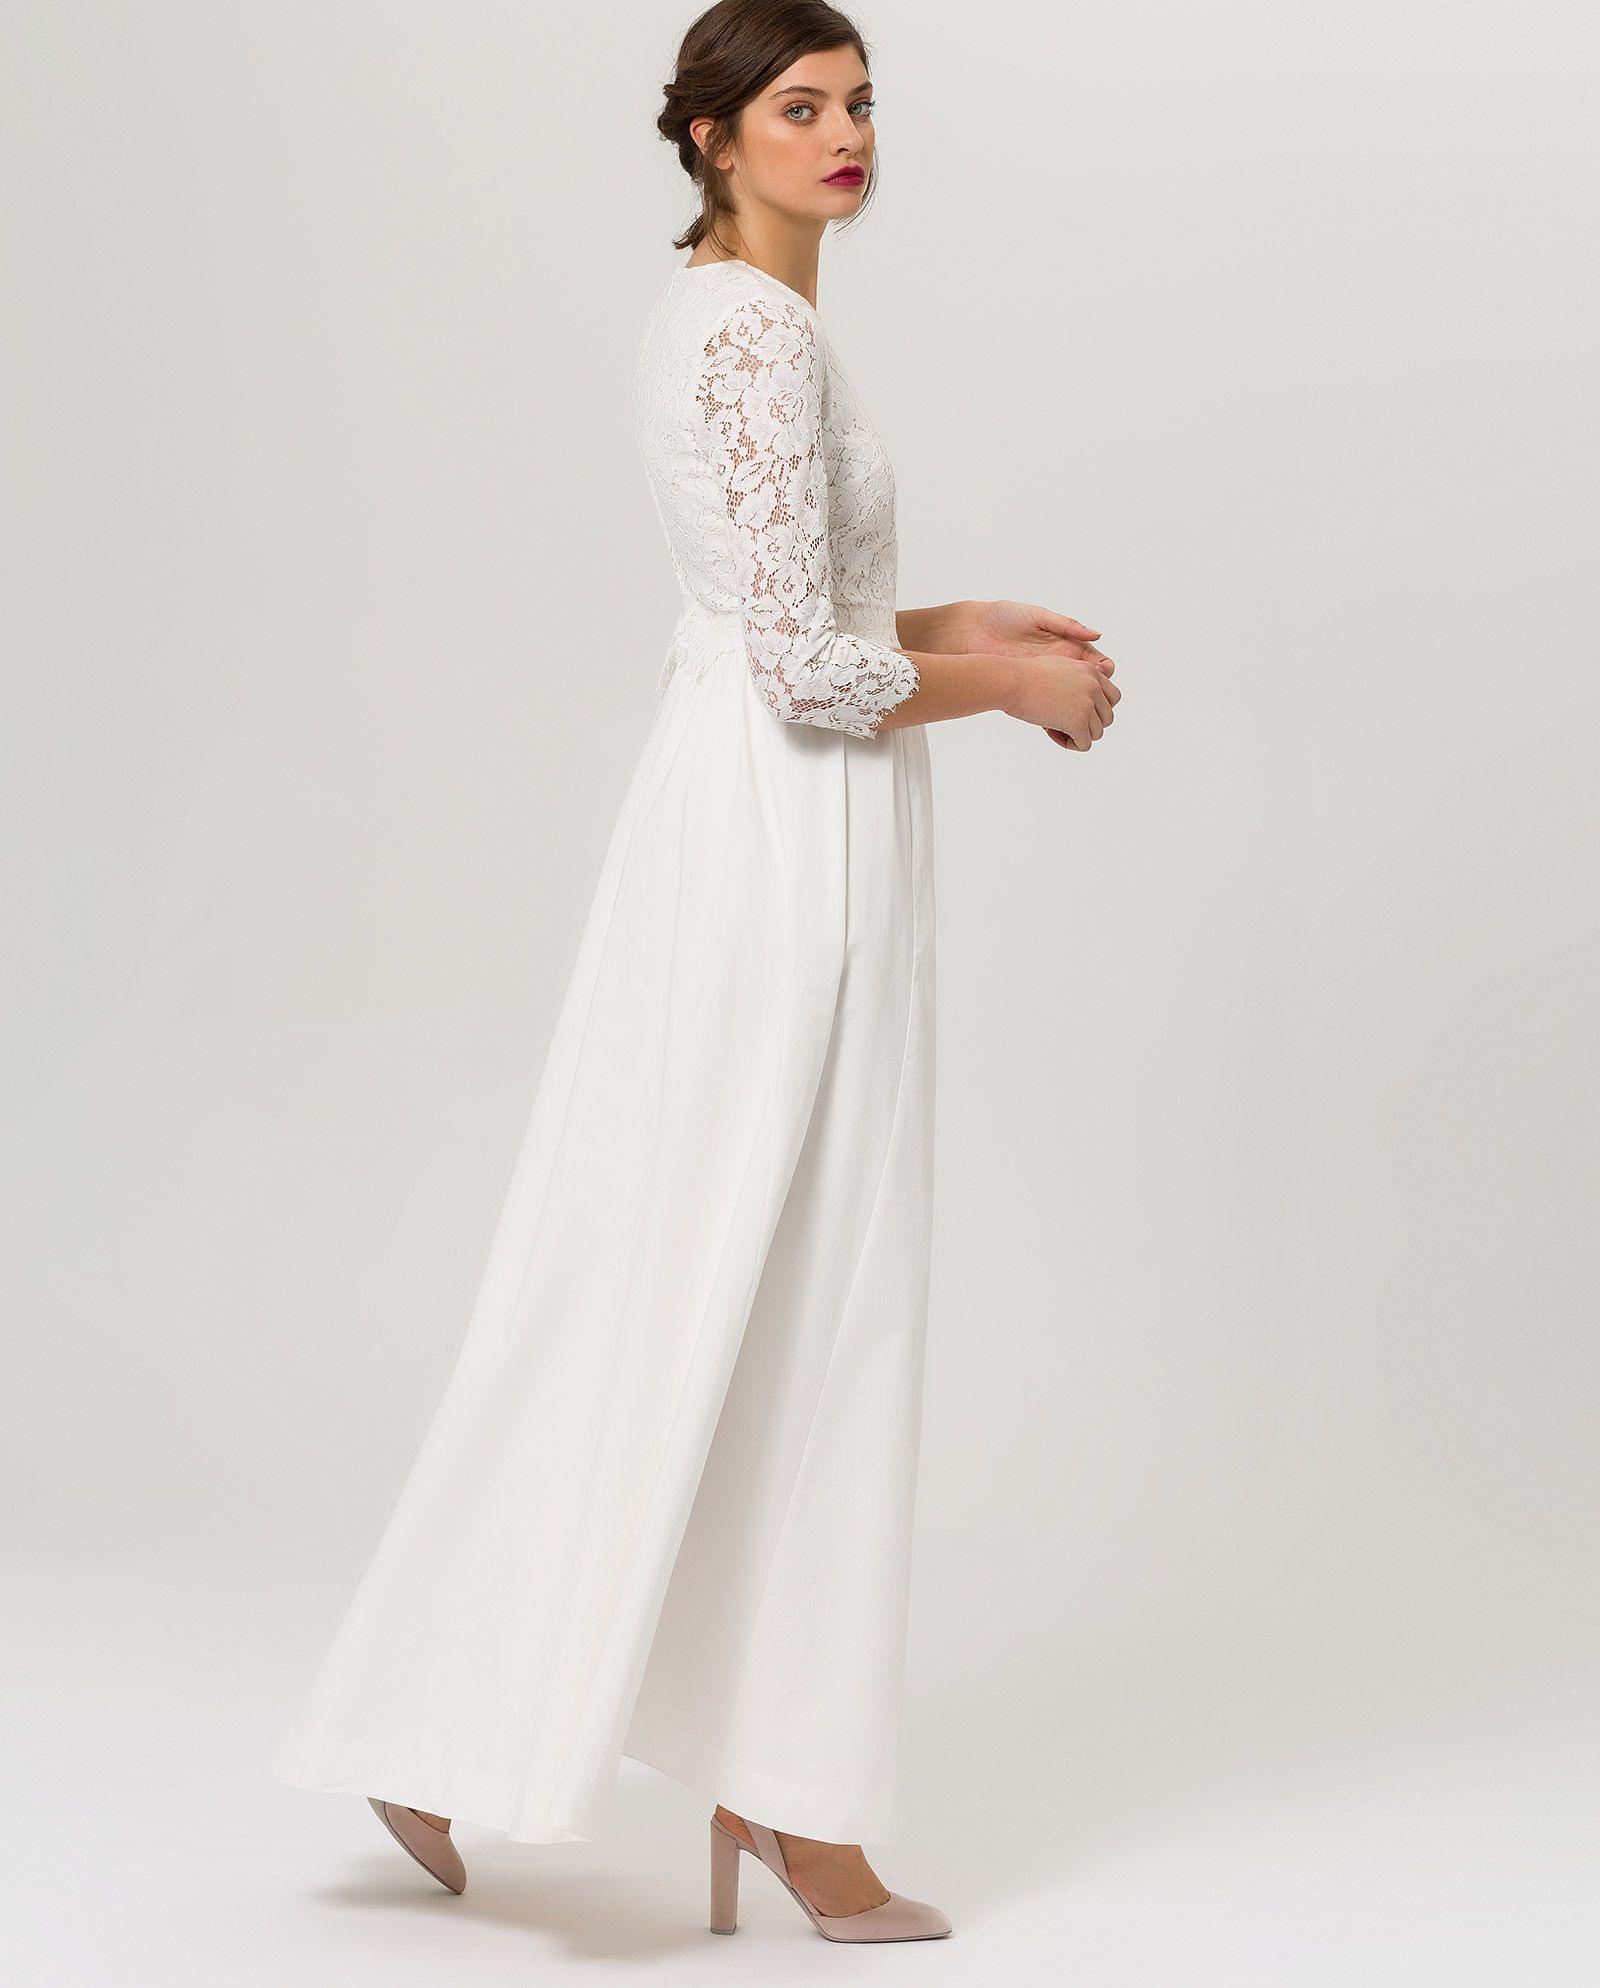 Hochzeitskleid Zalando. Brautkleider Günstig,brautkleider